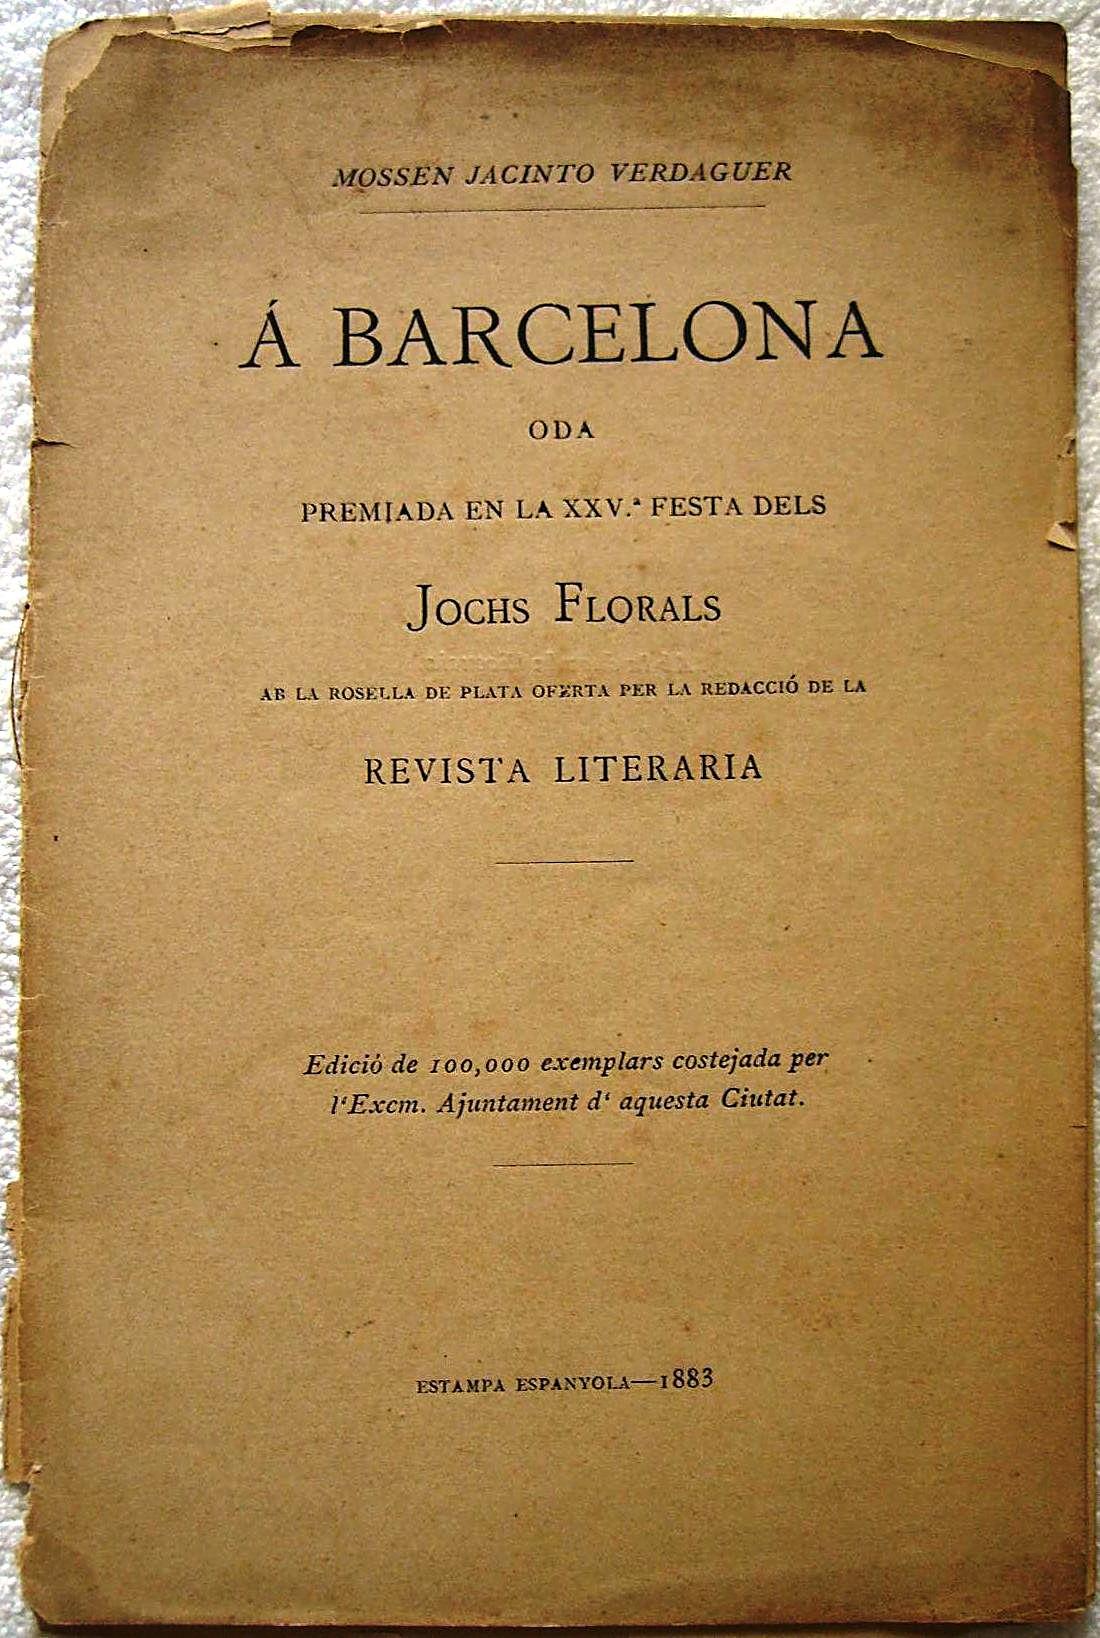 1ª edición de Oda a Barcelona.